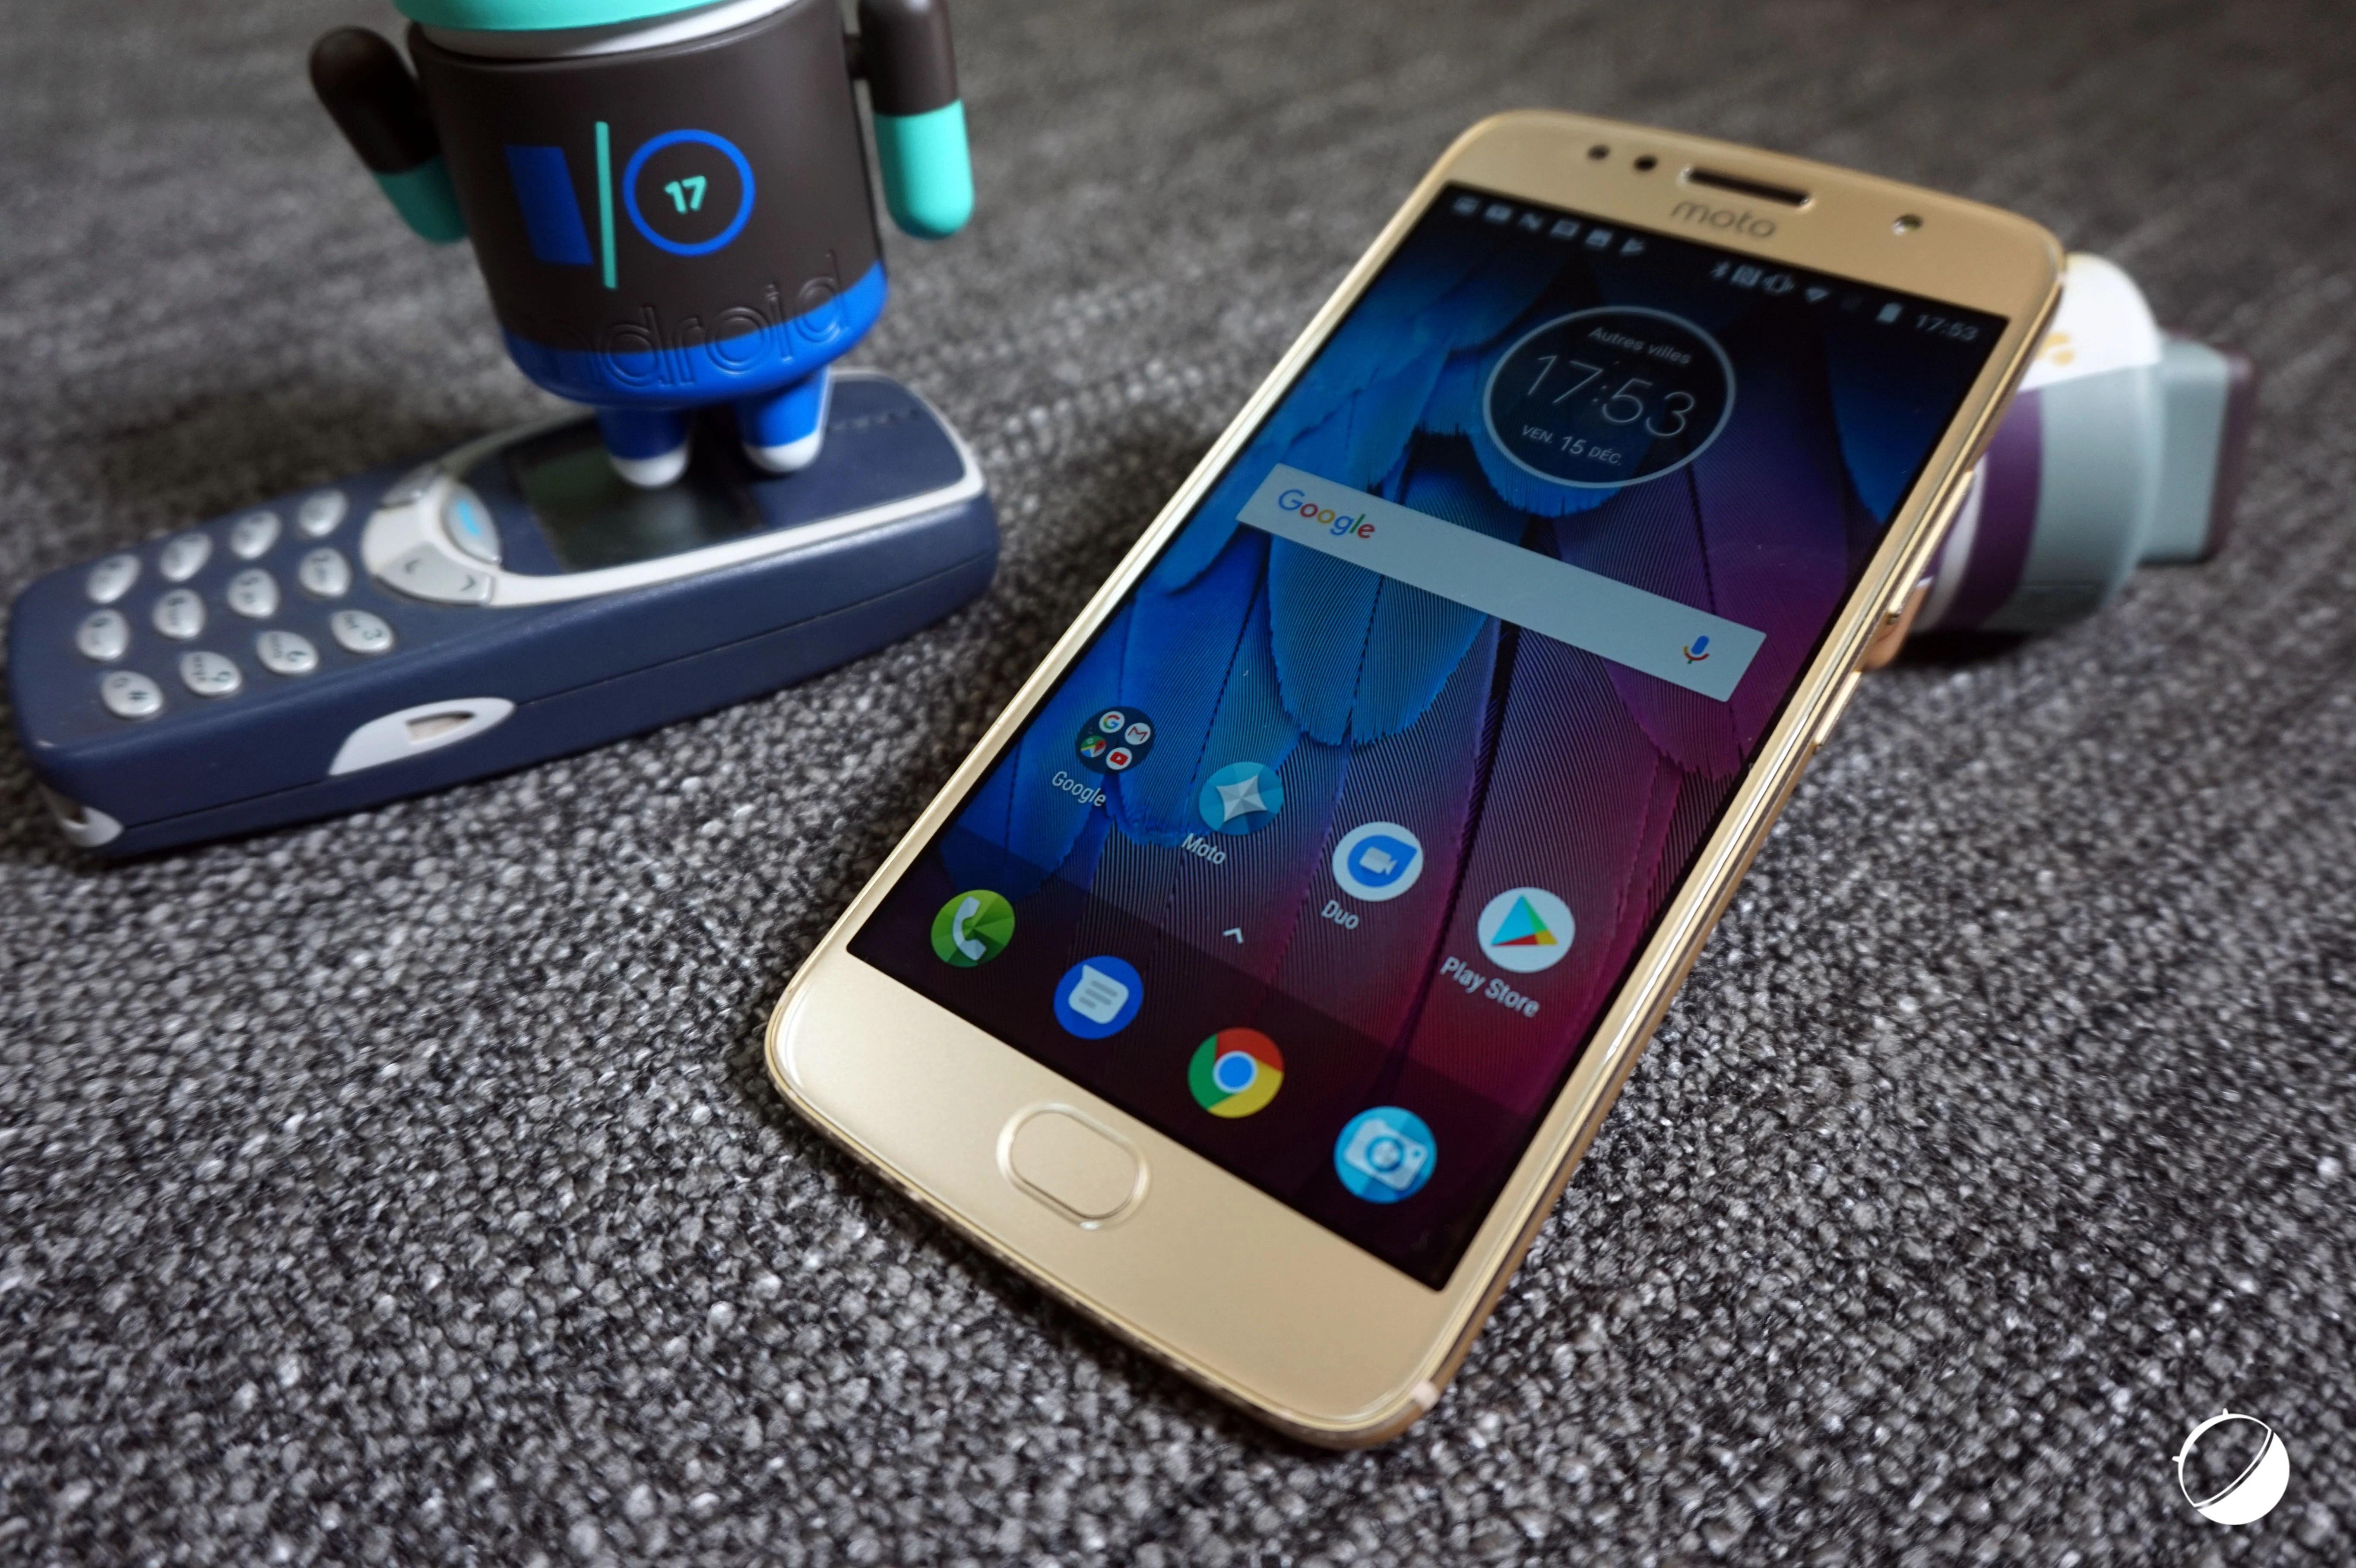 Test du Motorola Moto G5s : une bonne autonomie à prix abordable